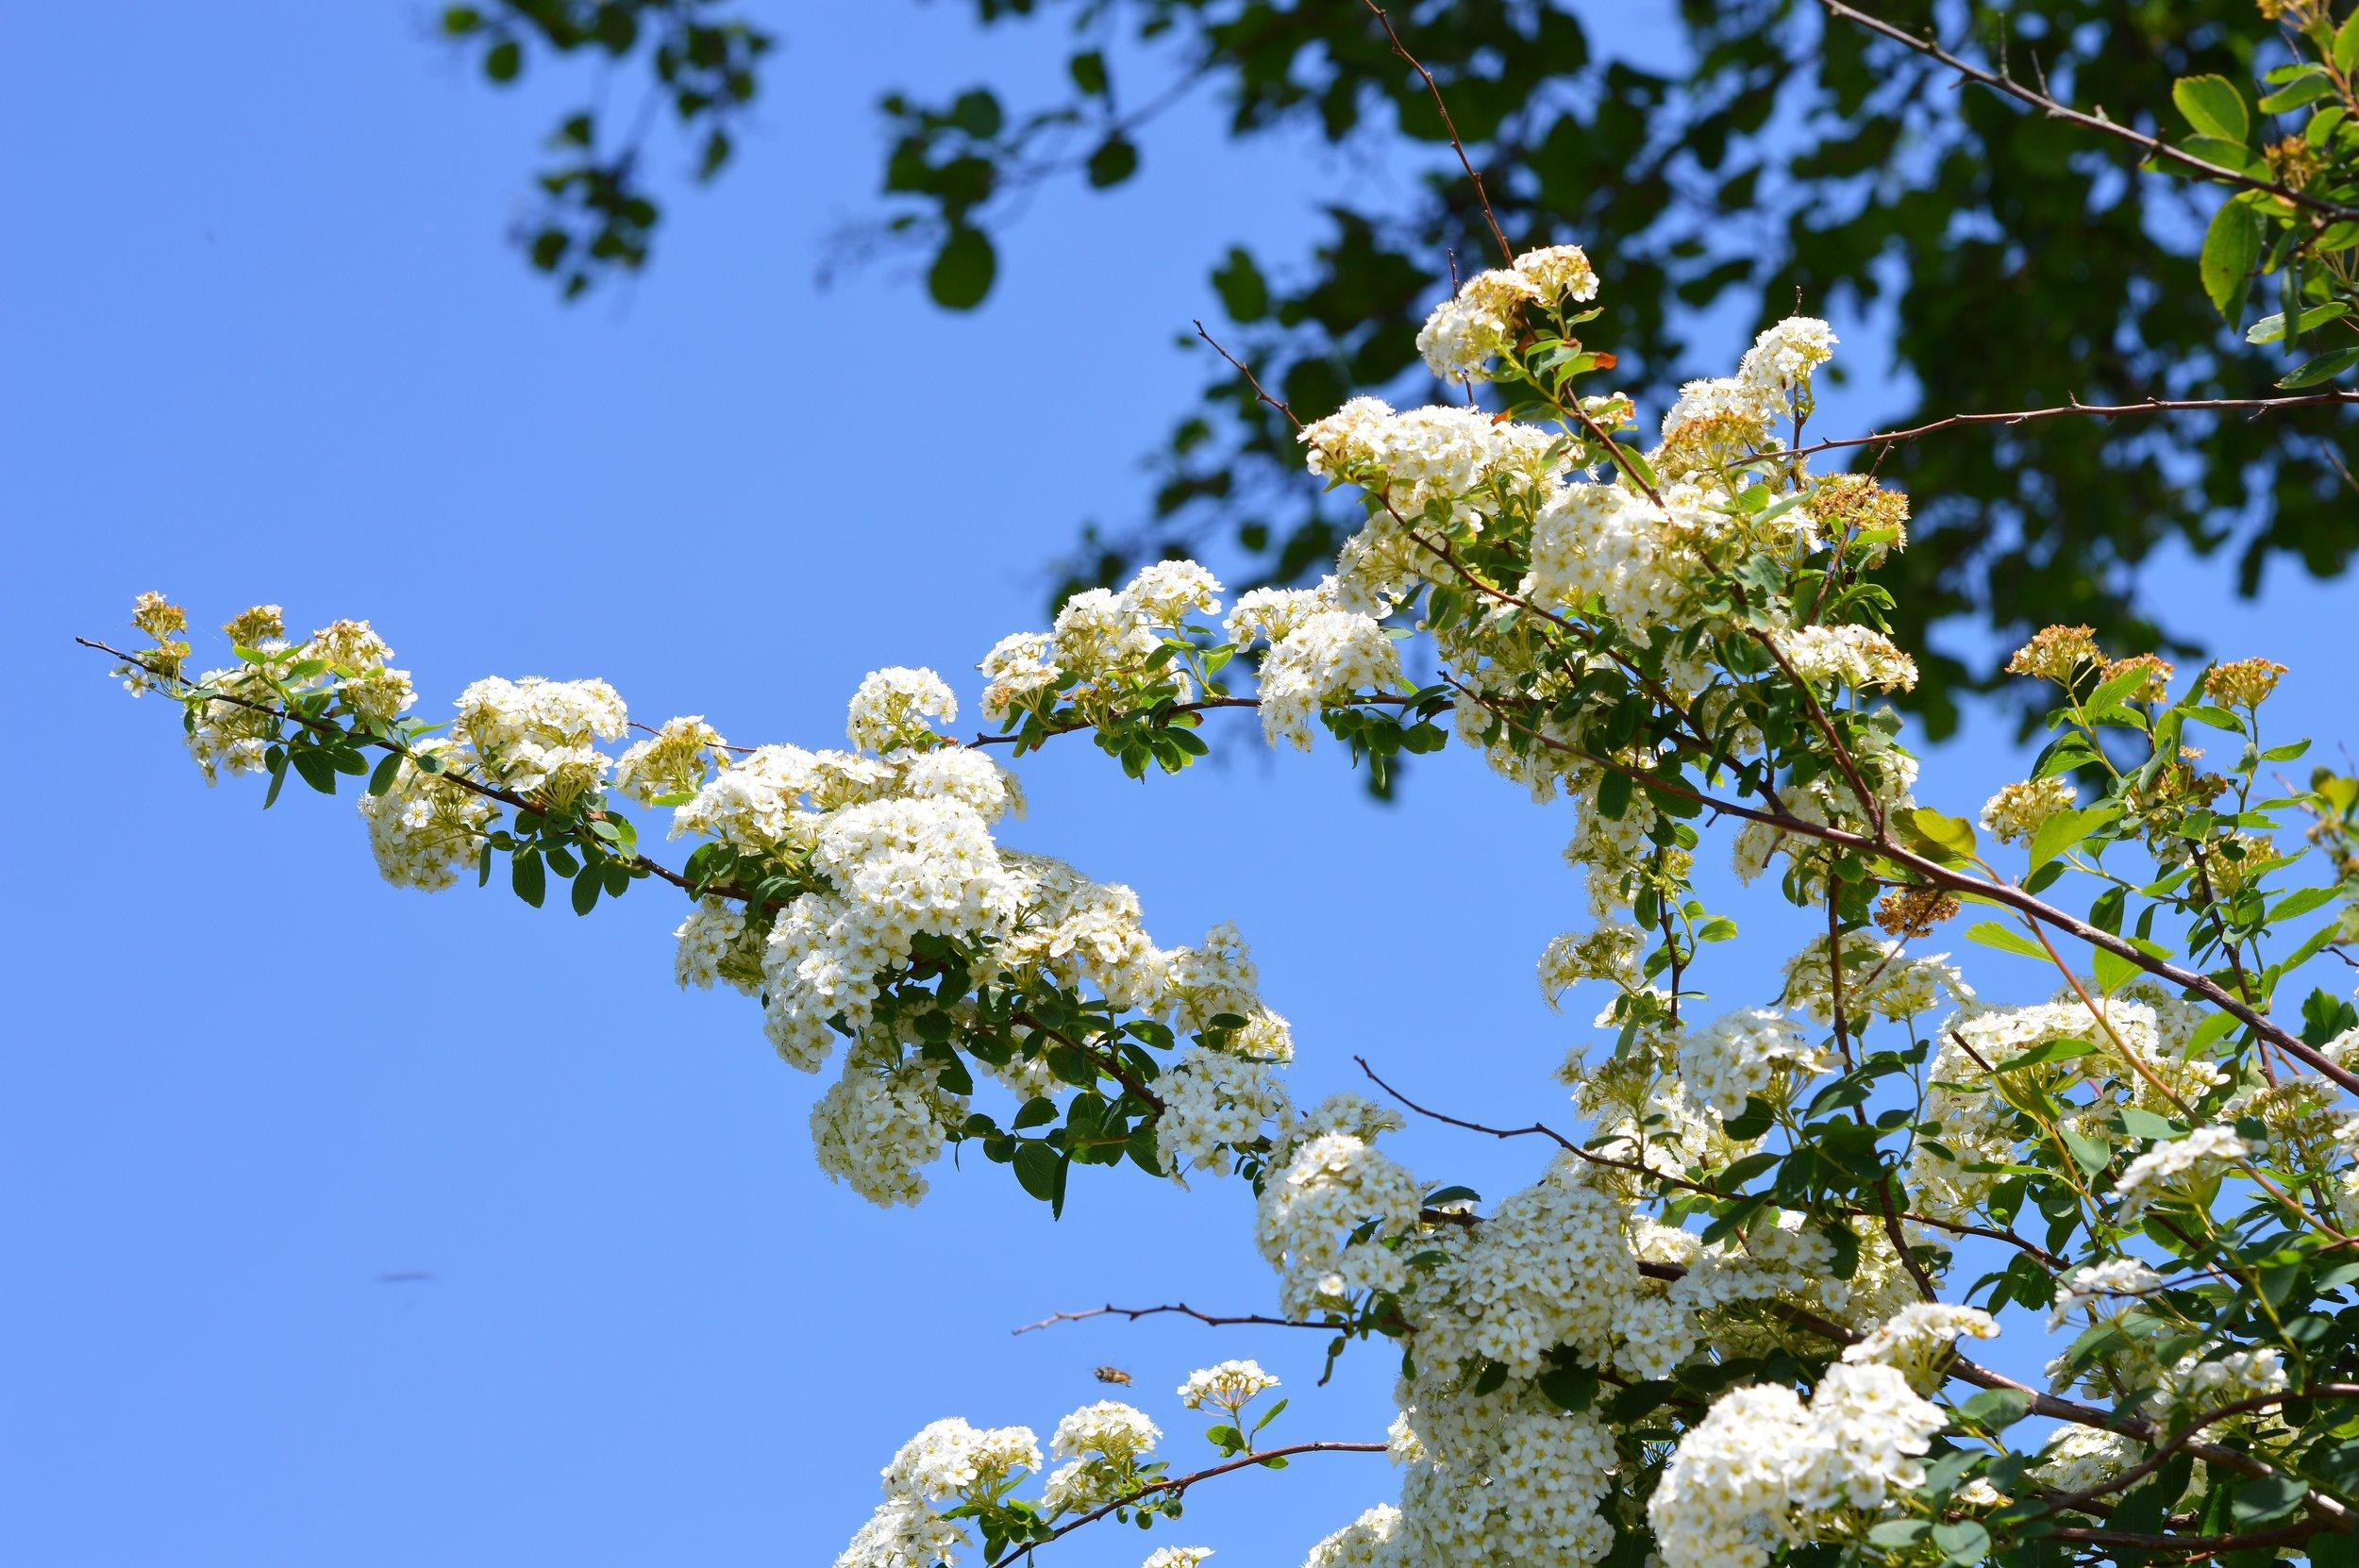 spirea-flower-3418358.jpg